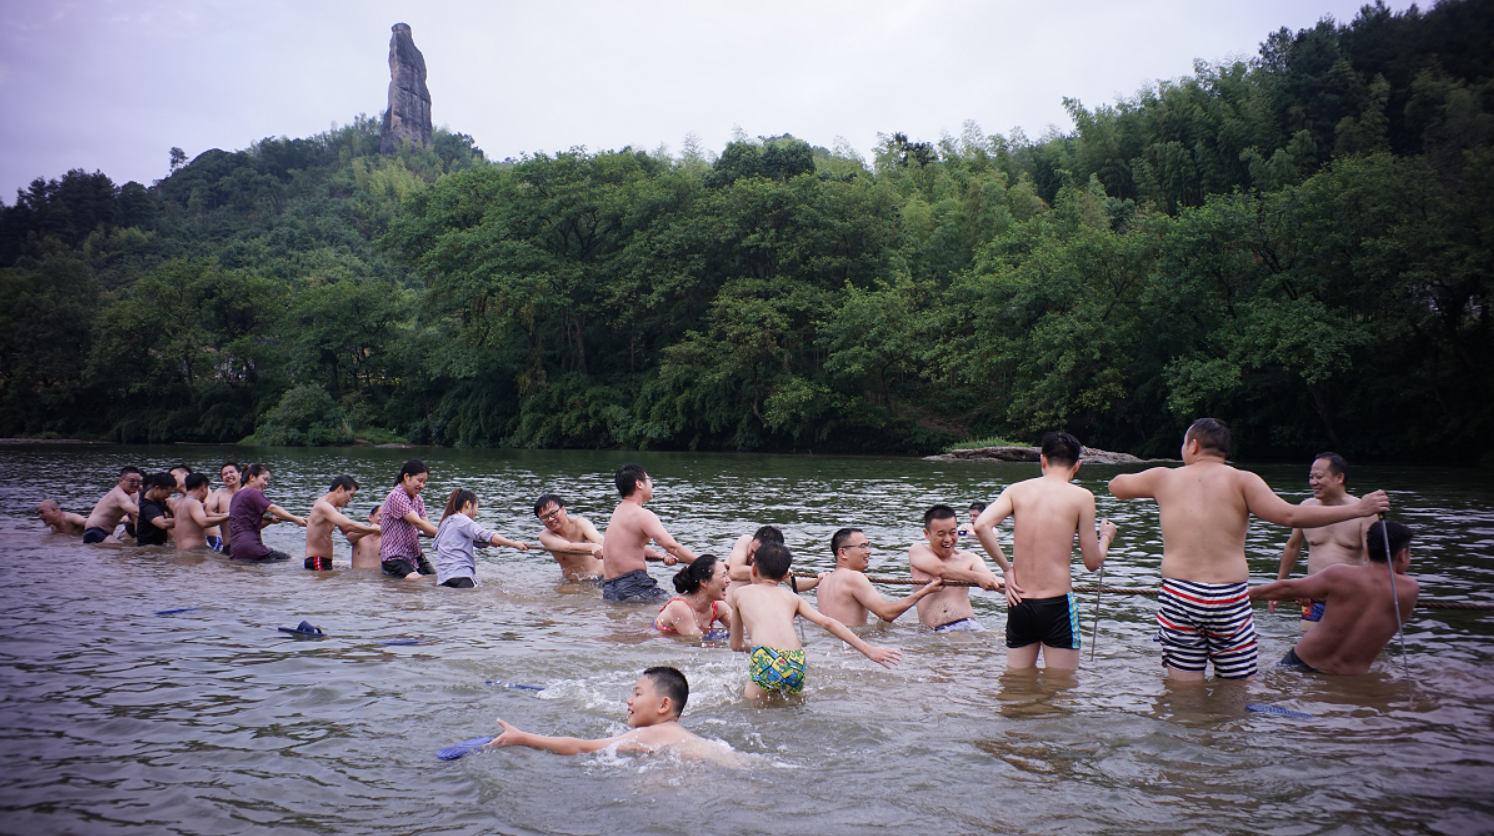 智多星团队在水中进行拔河比赛